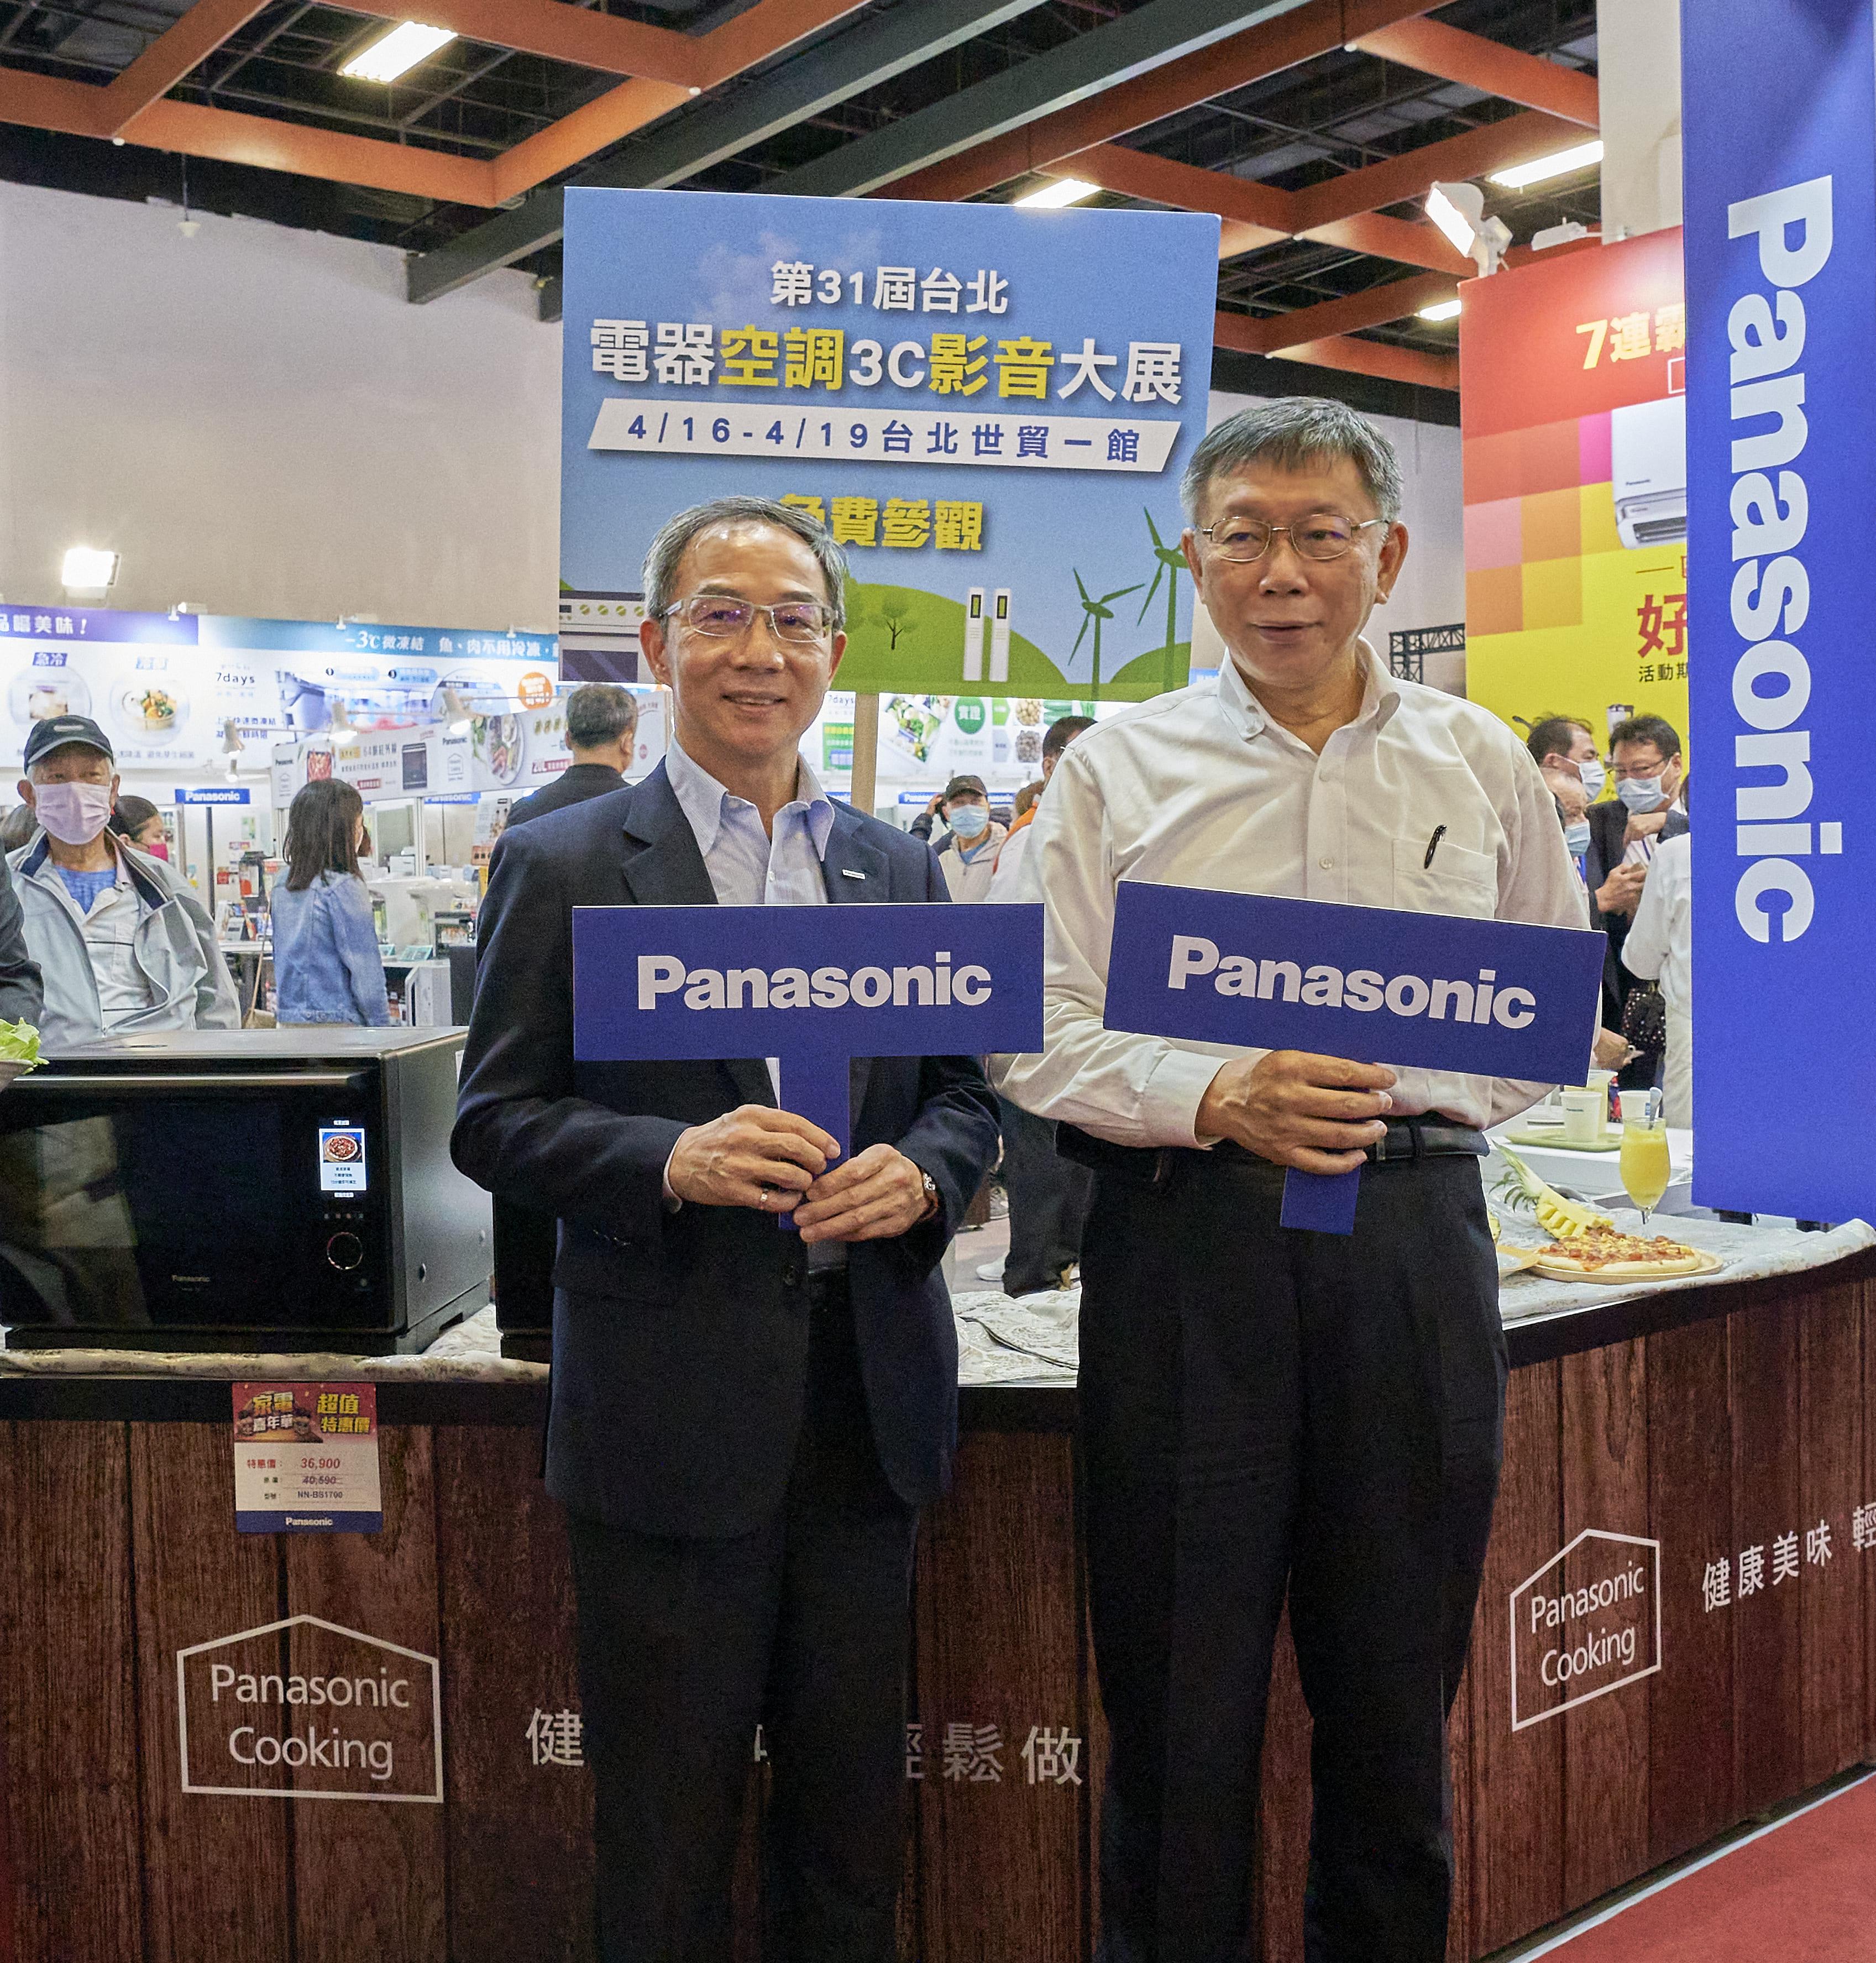 台北市長柯文哲蒞臨Panasonic電器展攤位,與Panasonic總經理林淵傳一起體驗最新蒸烘烤微波爐的料理魅力